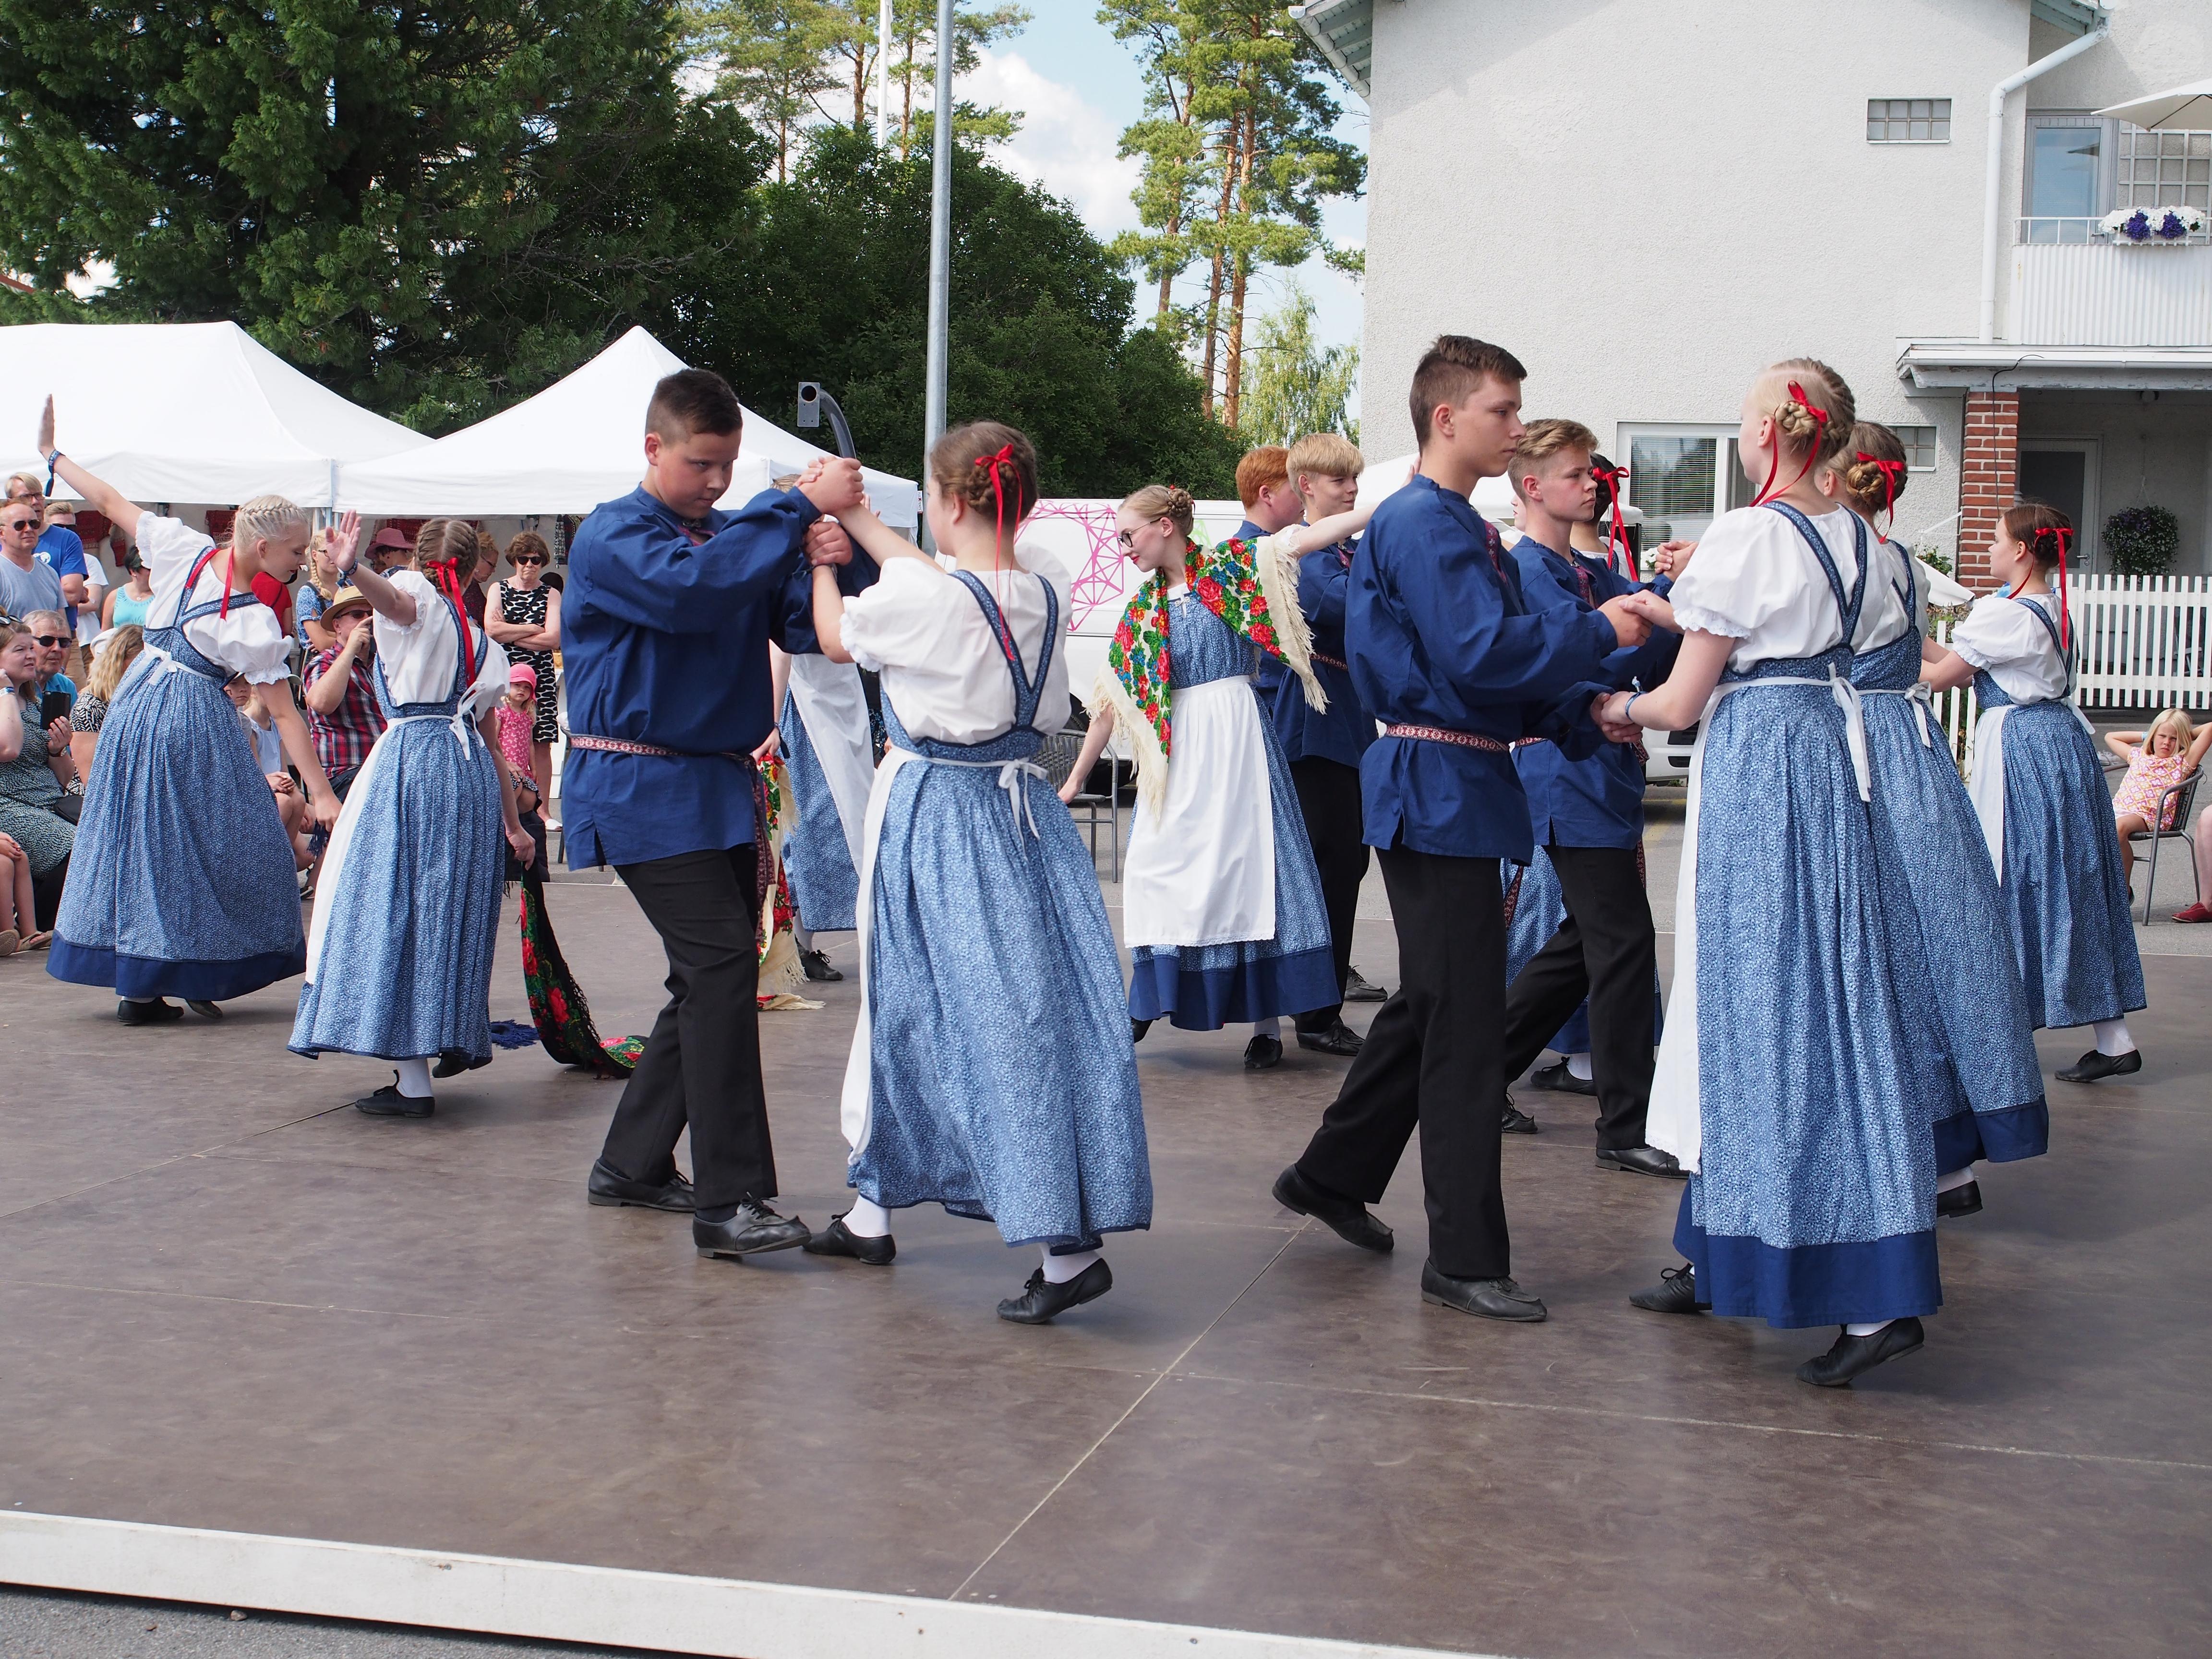 Kaustislainen kansantanssiryhmä JunioriOttoset esiintymässä festivaalin Juhlapiha-lavalla vuonna 2018. Kuvan on ottanut Eveliina Aho.